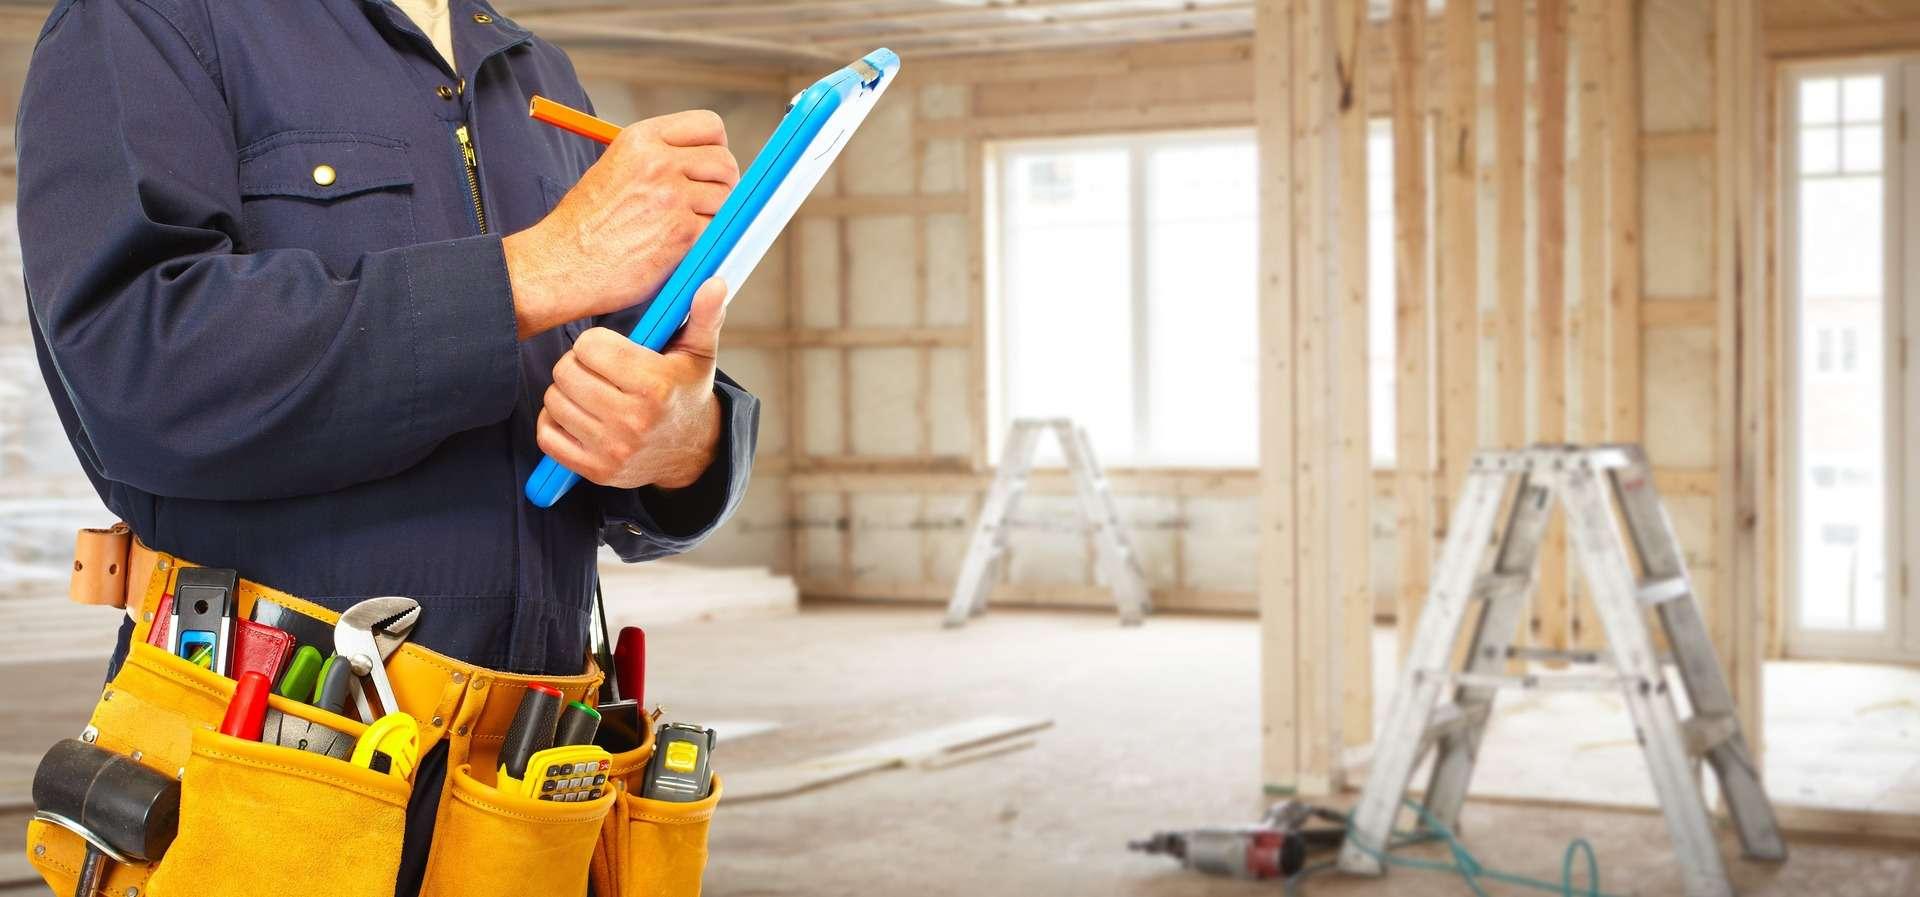 Строительство и ремонт квартир своими руками